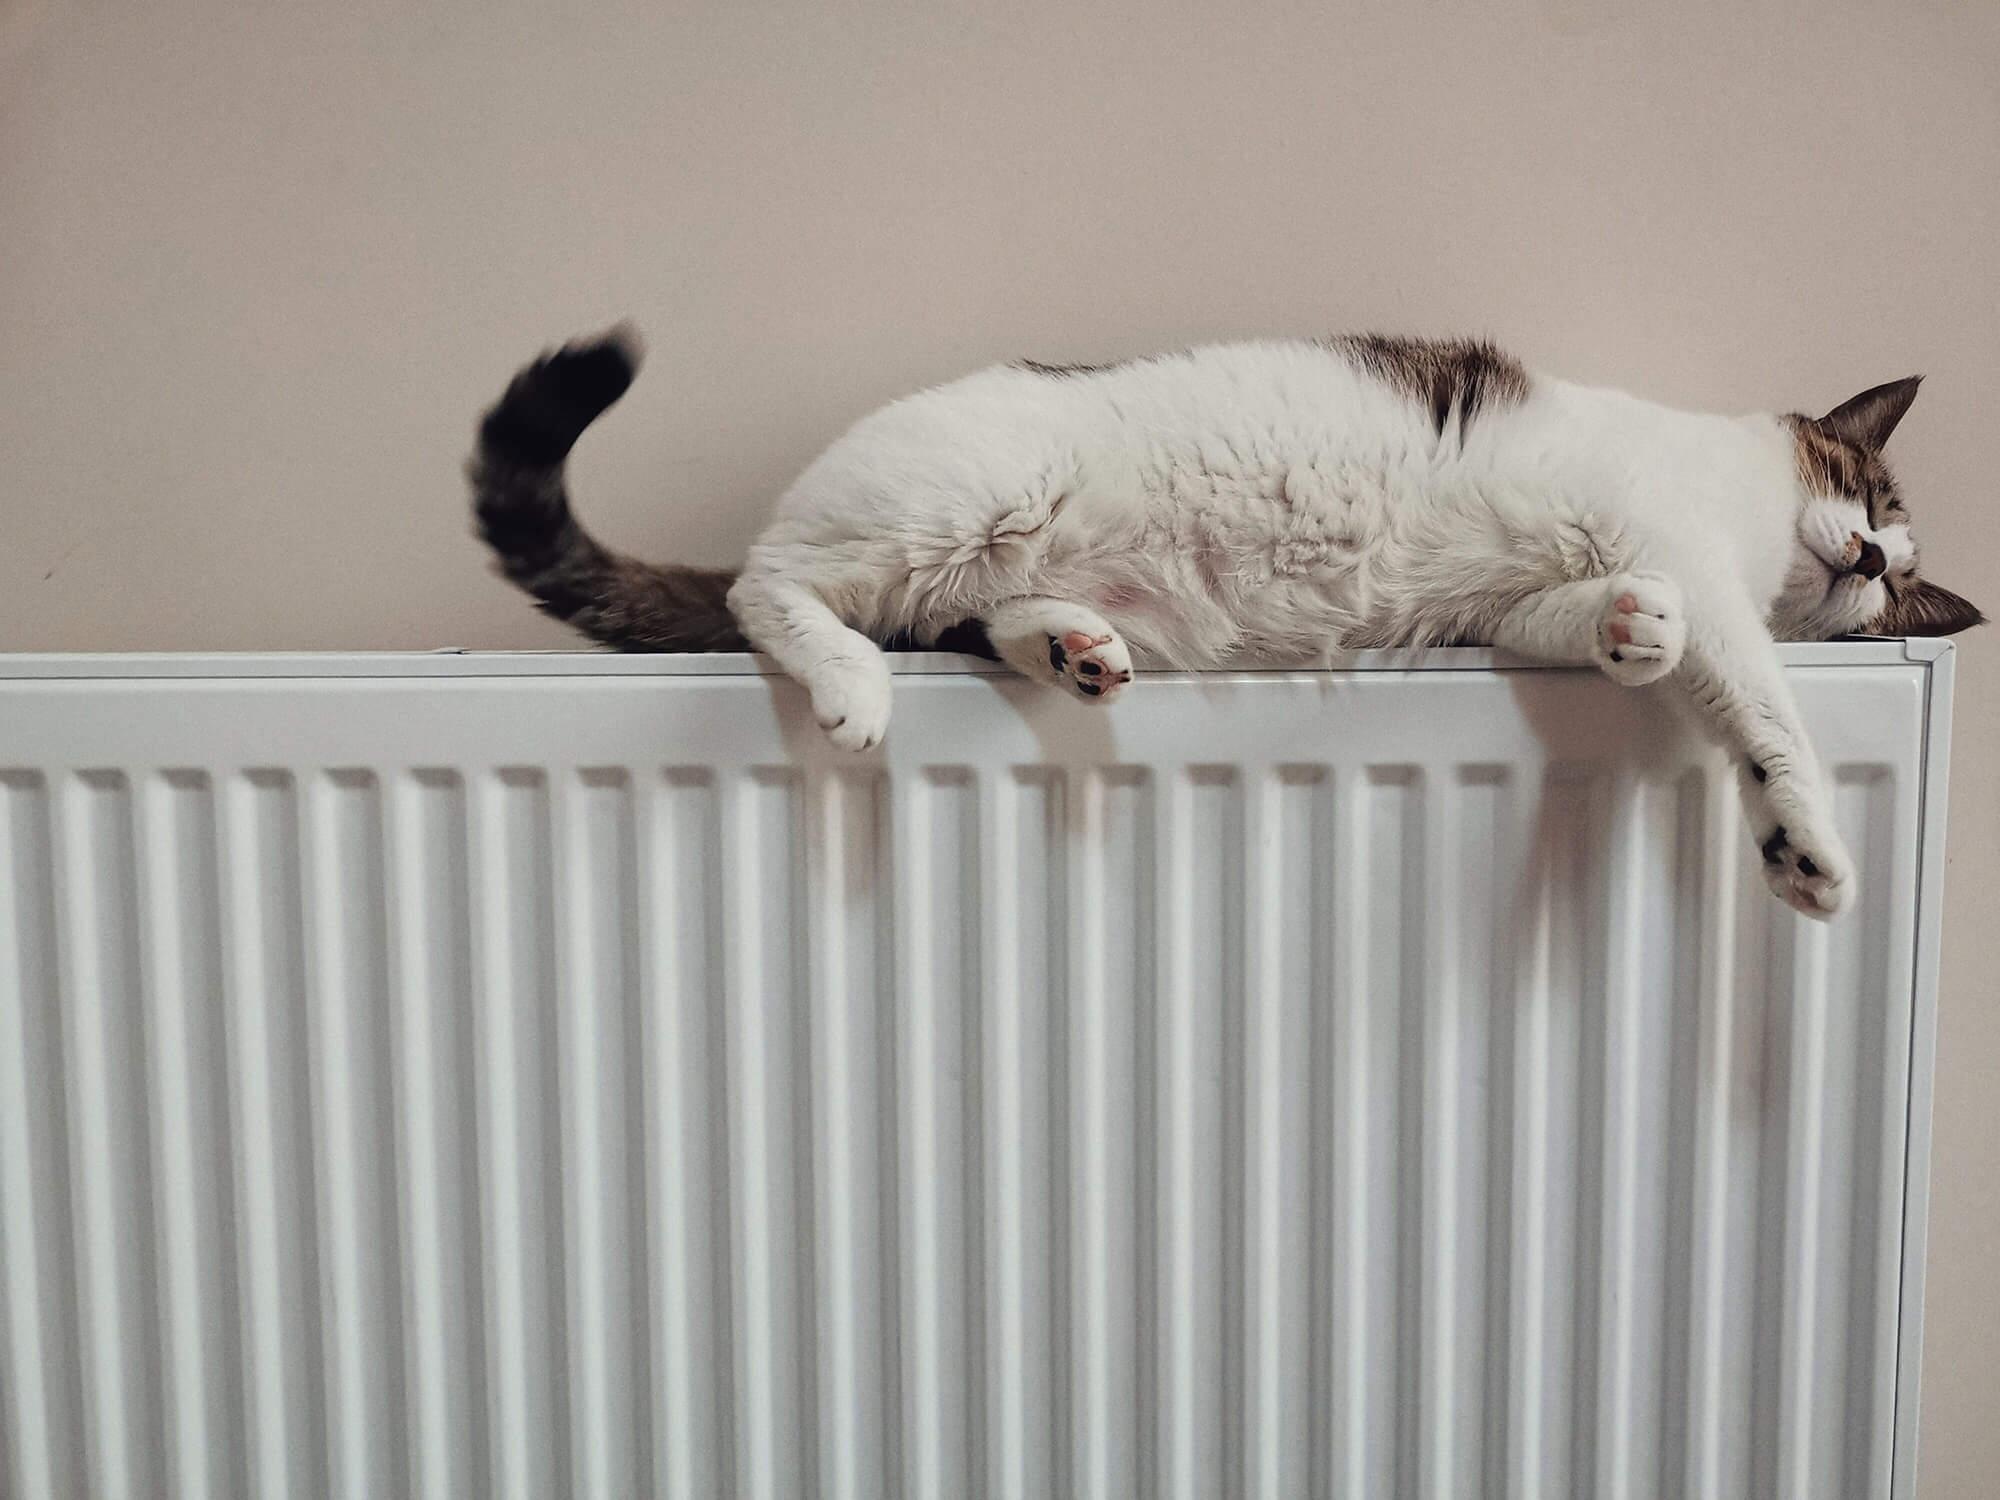 radiateur électrique avec chat qui dort